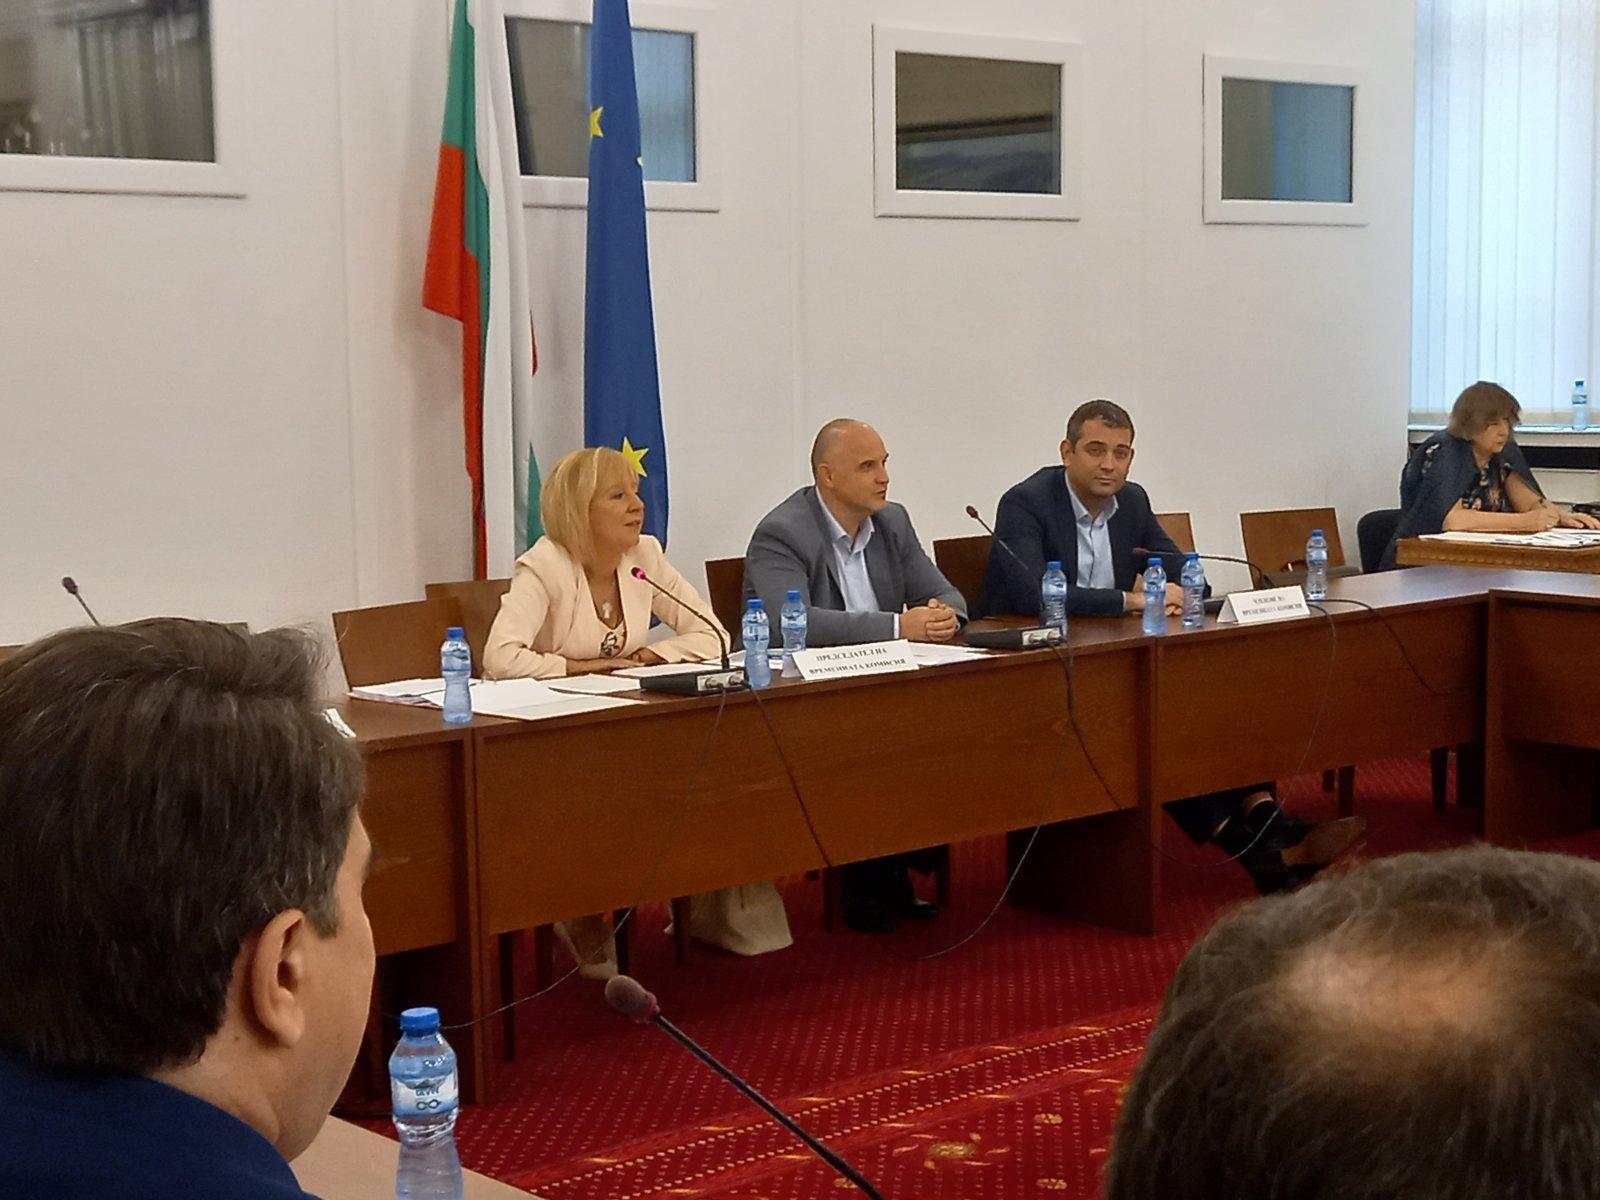 """Манолова: Схемата """"ин хаус"""" е организирана и изпълнена от предишното правителство на Борисов"""